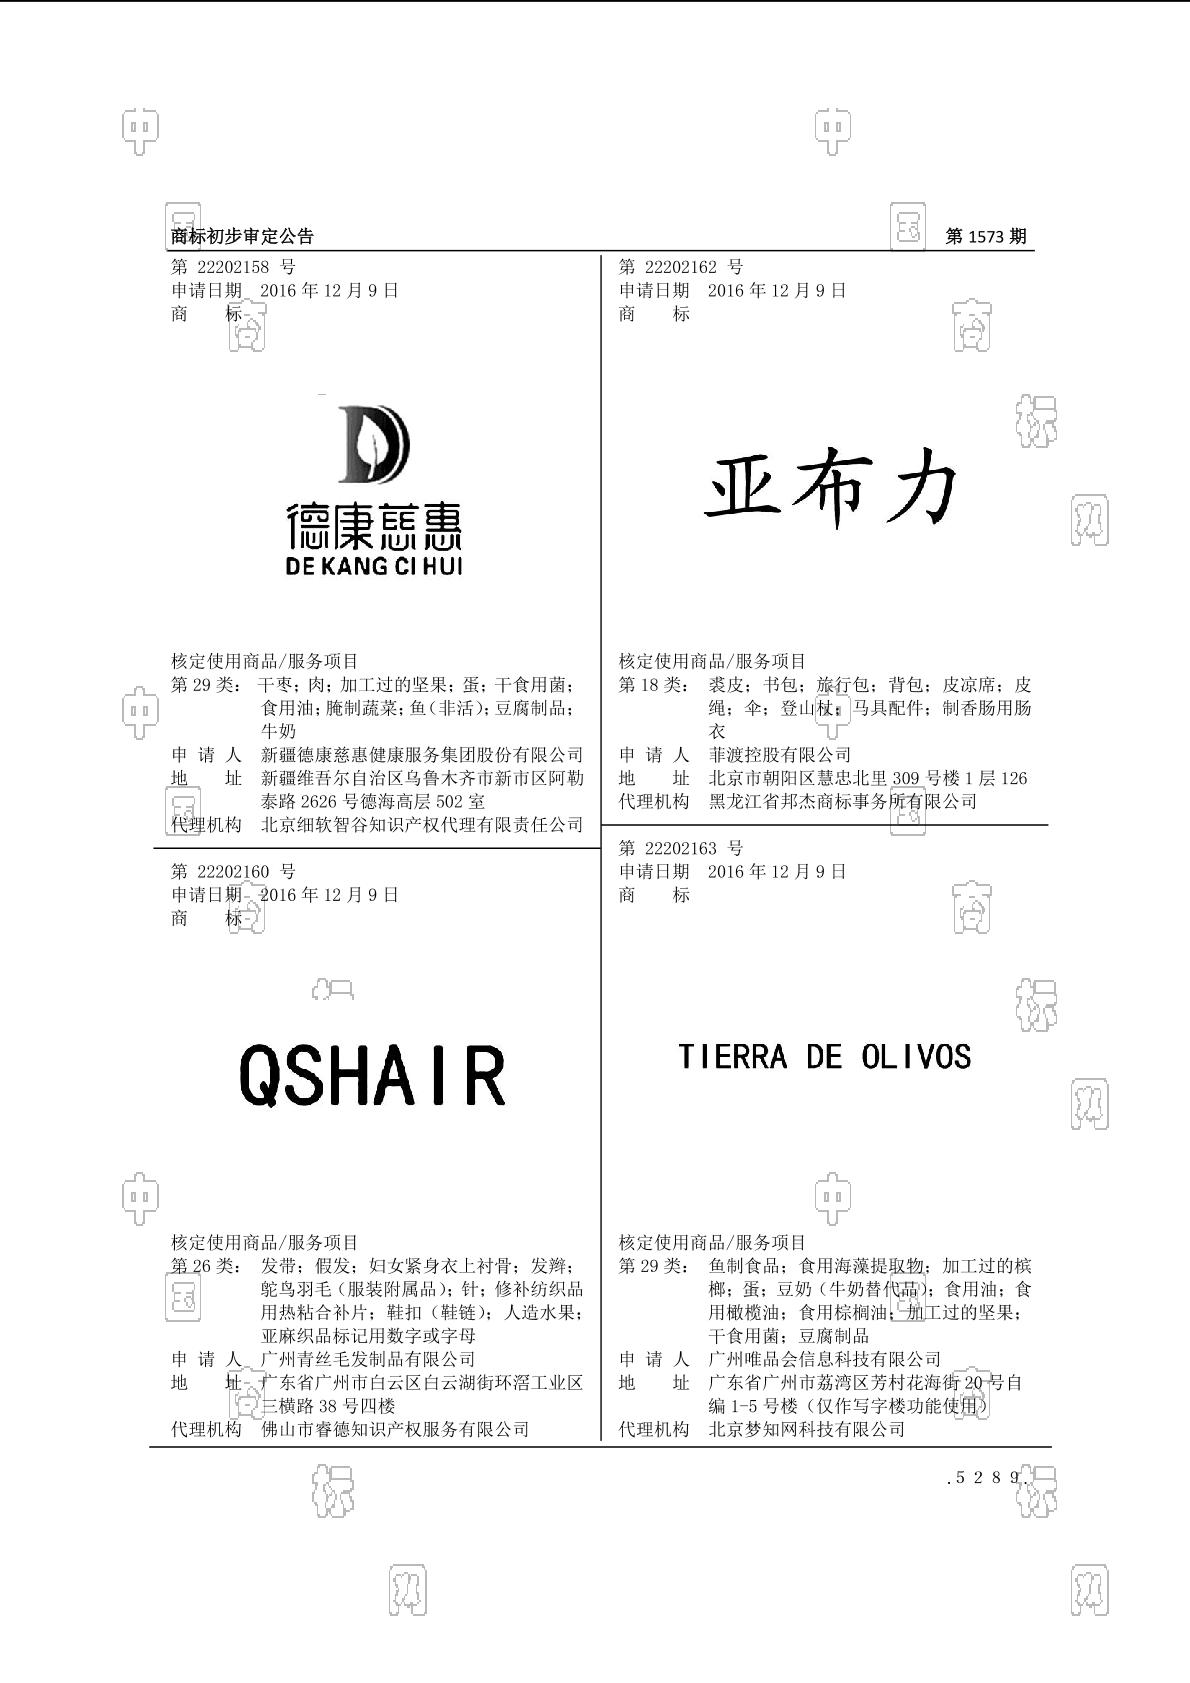 【社标网】QSHAIR商标状态注册号信息 广州青丝毛发制品有限公司商标信息-商标查询